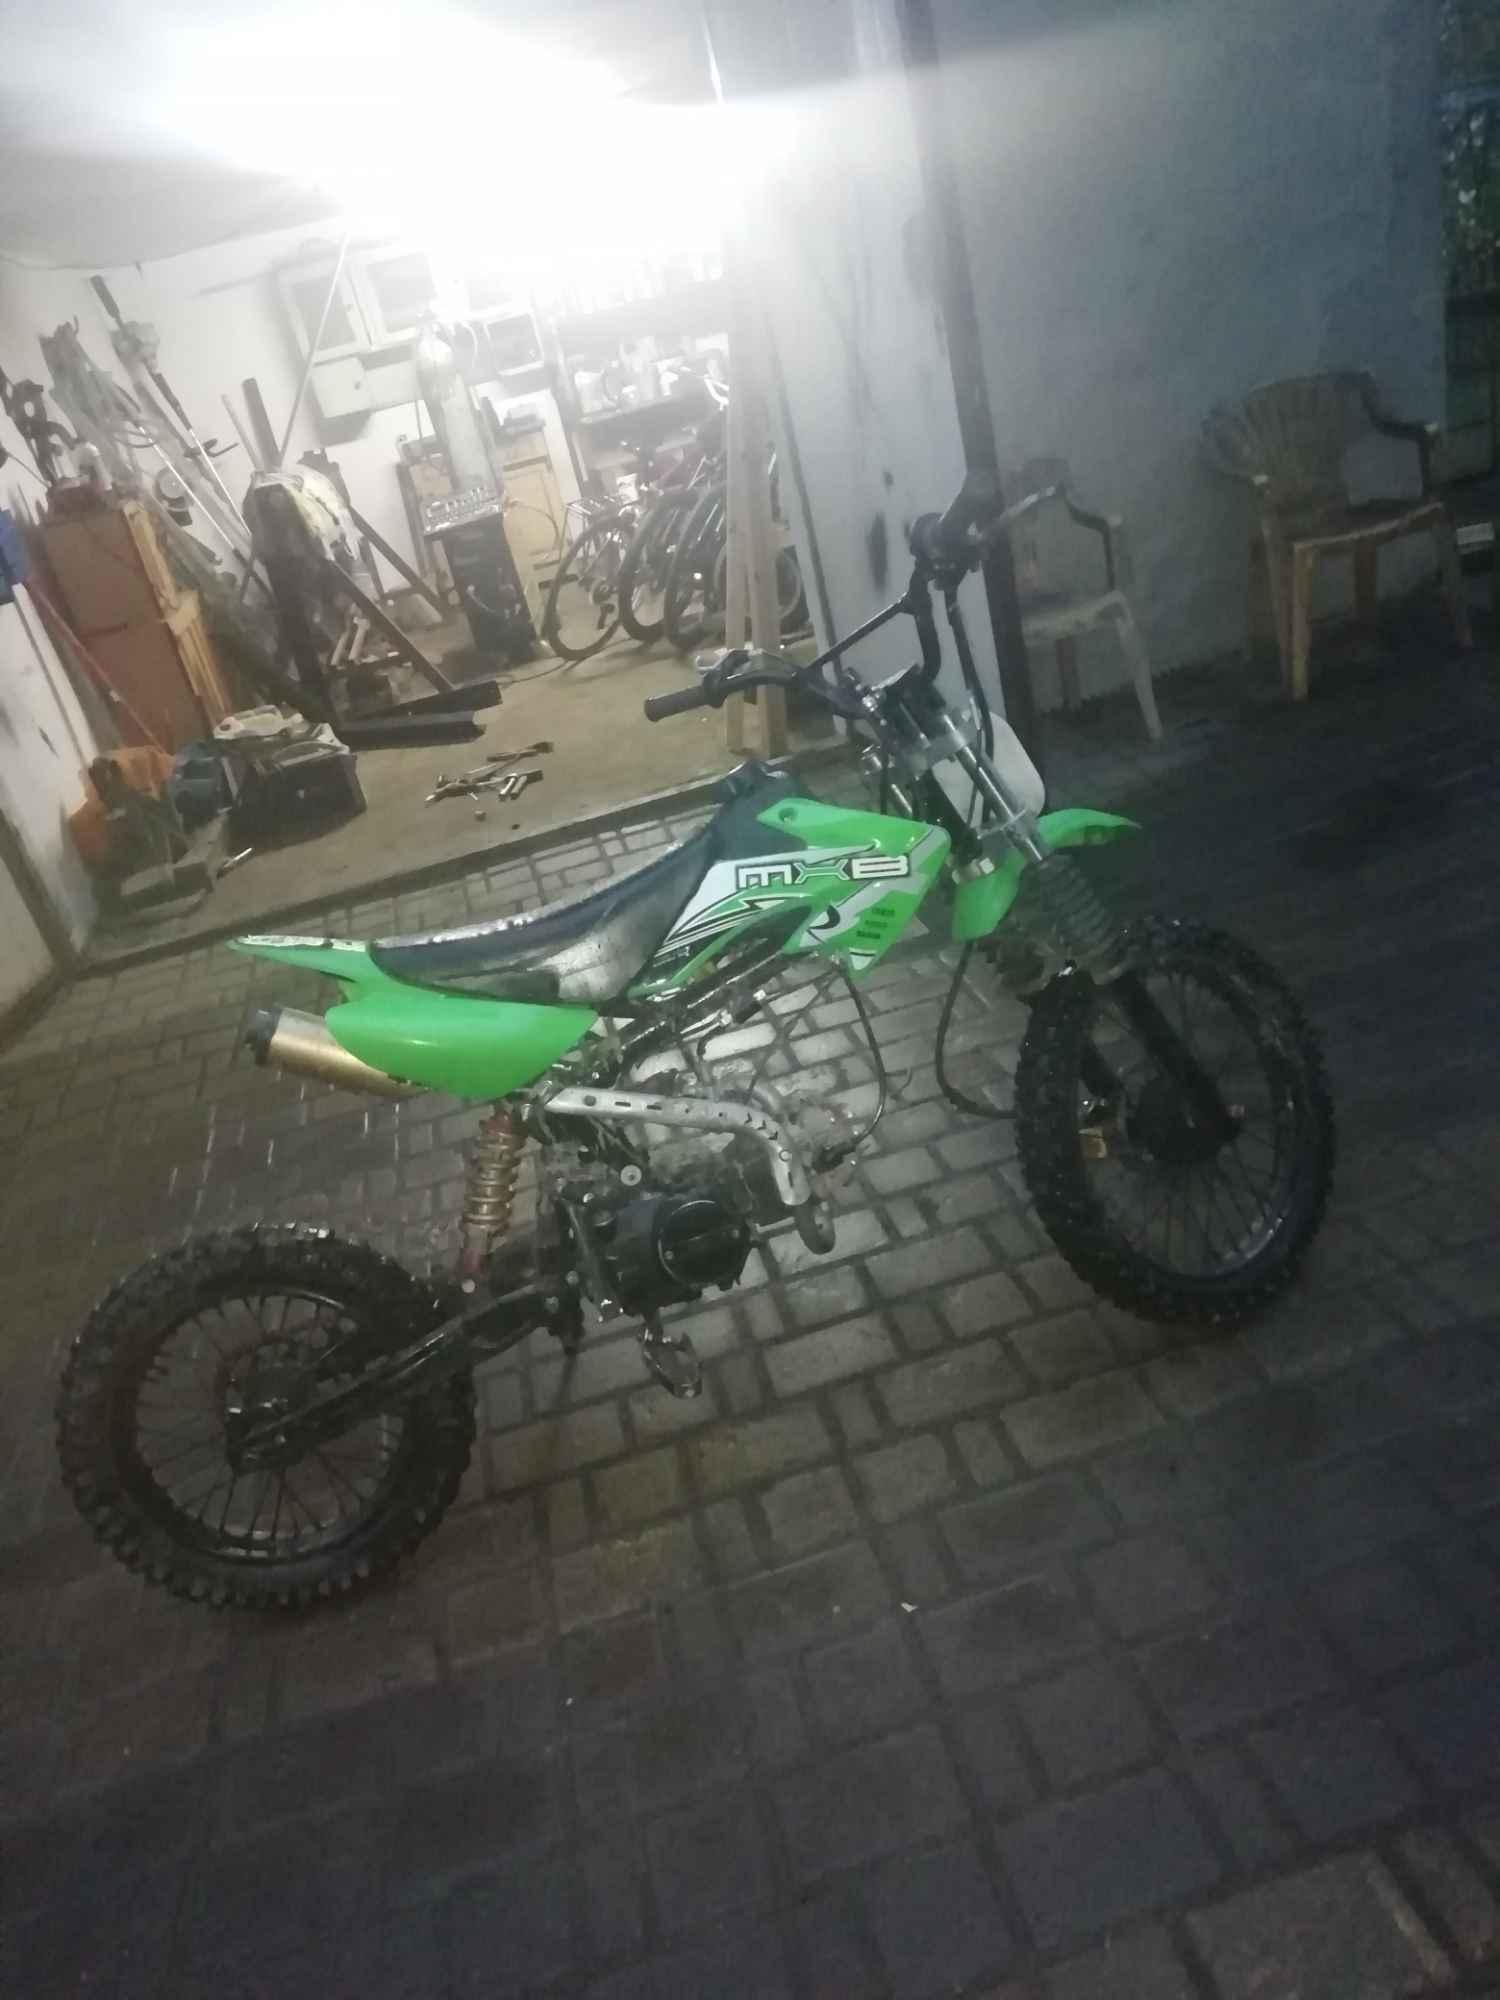 Cross pitbike110cm3 powiększona, wzmocniona rama nowe części Rzeszów - zdjęcie 5